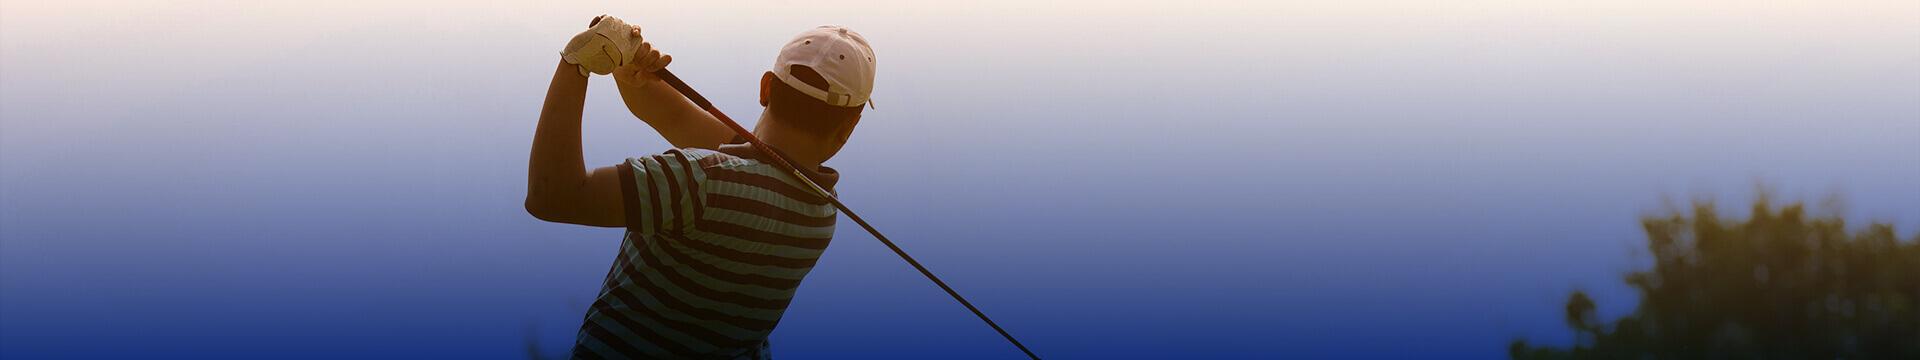 Man golfing.